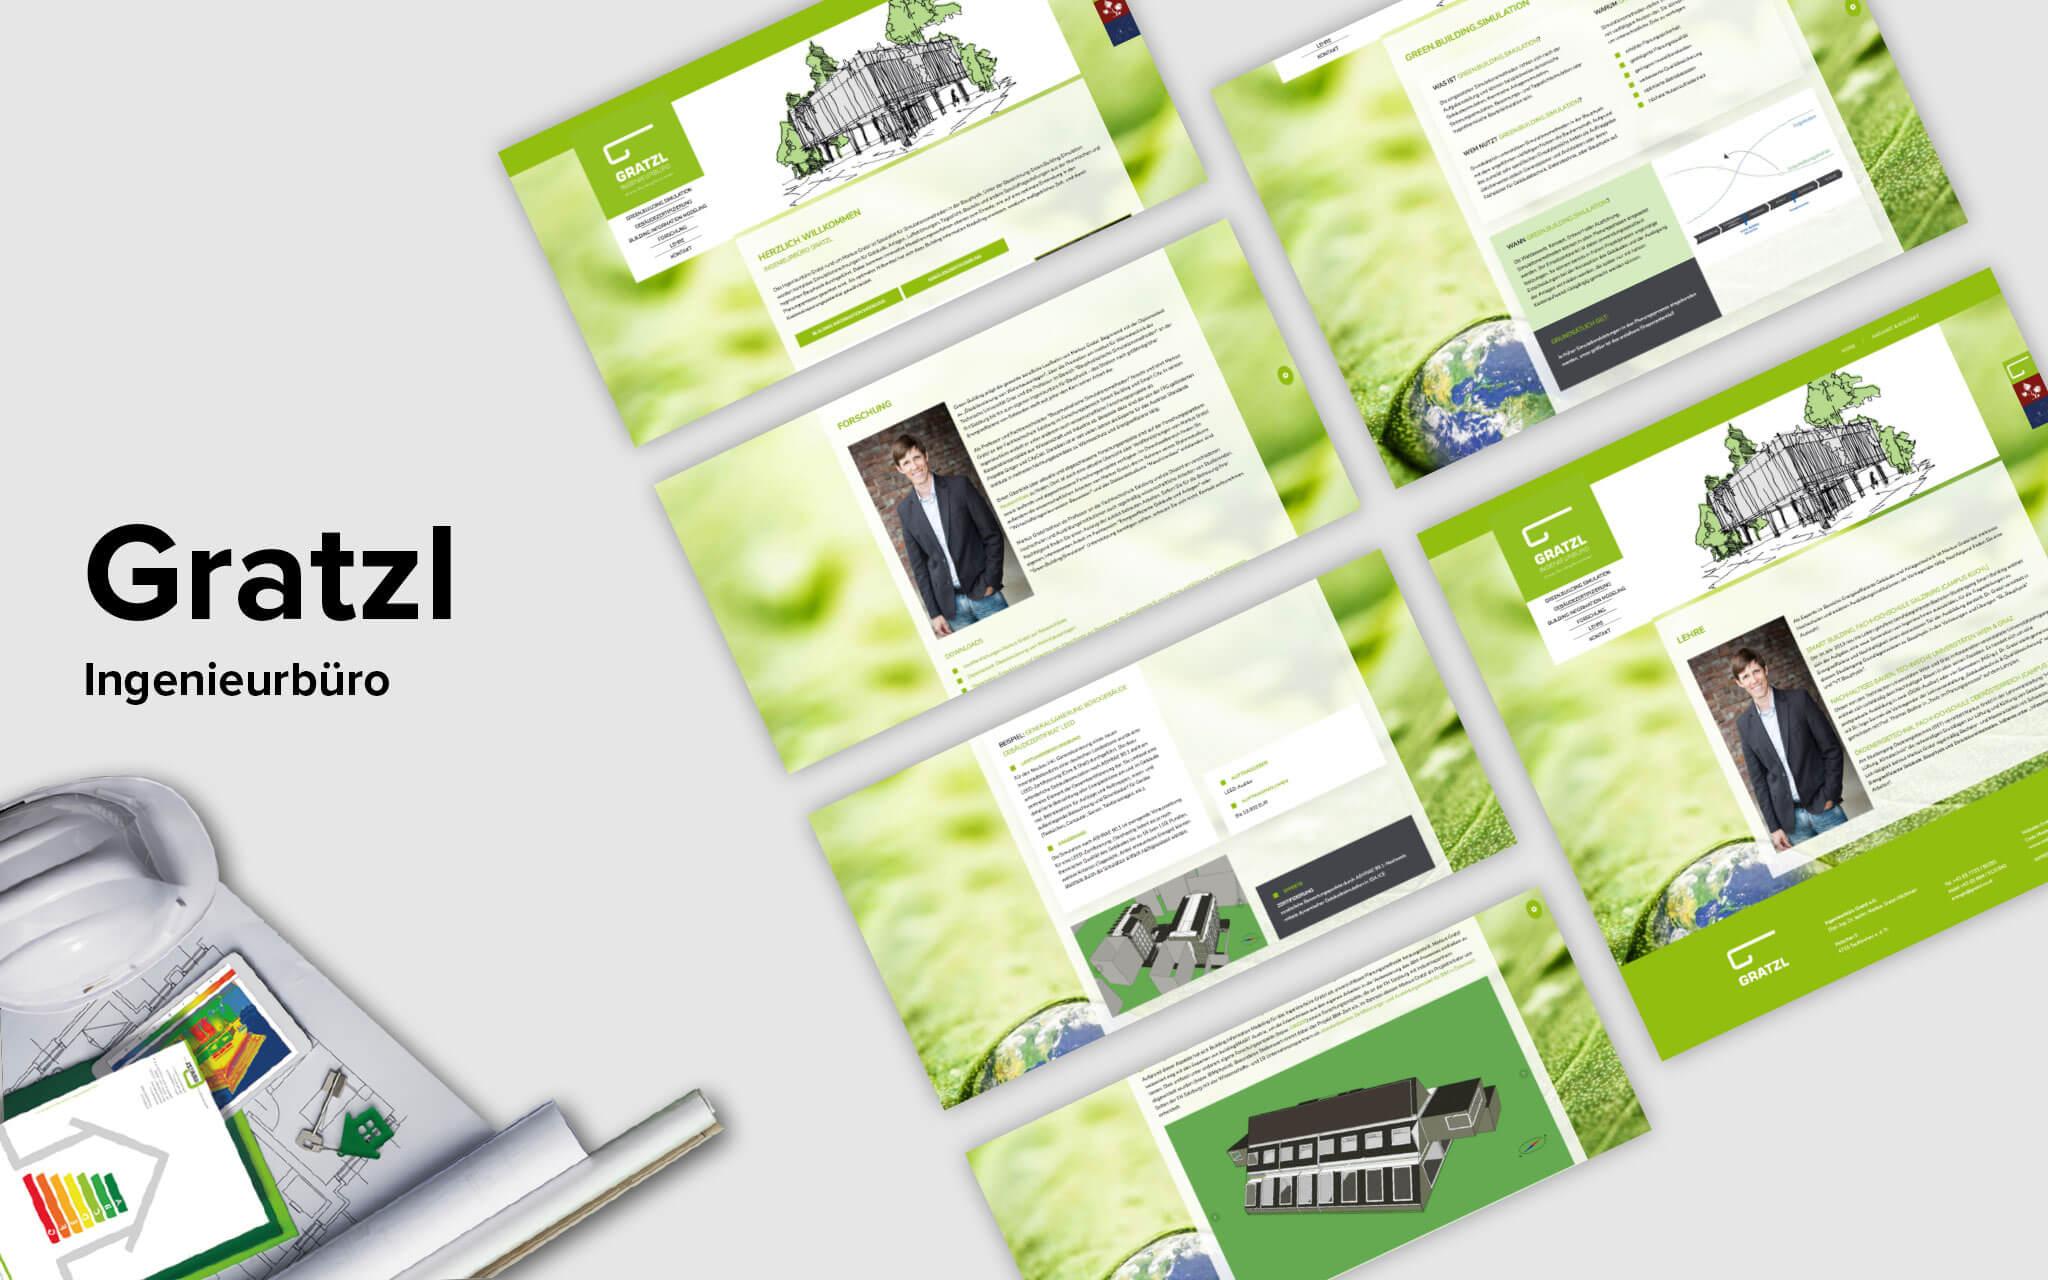 Gratzl_Ingenieurbüro